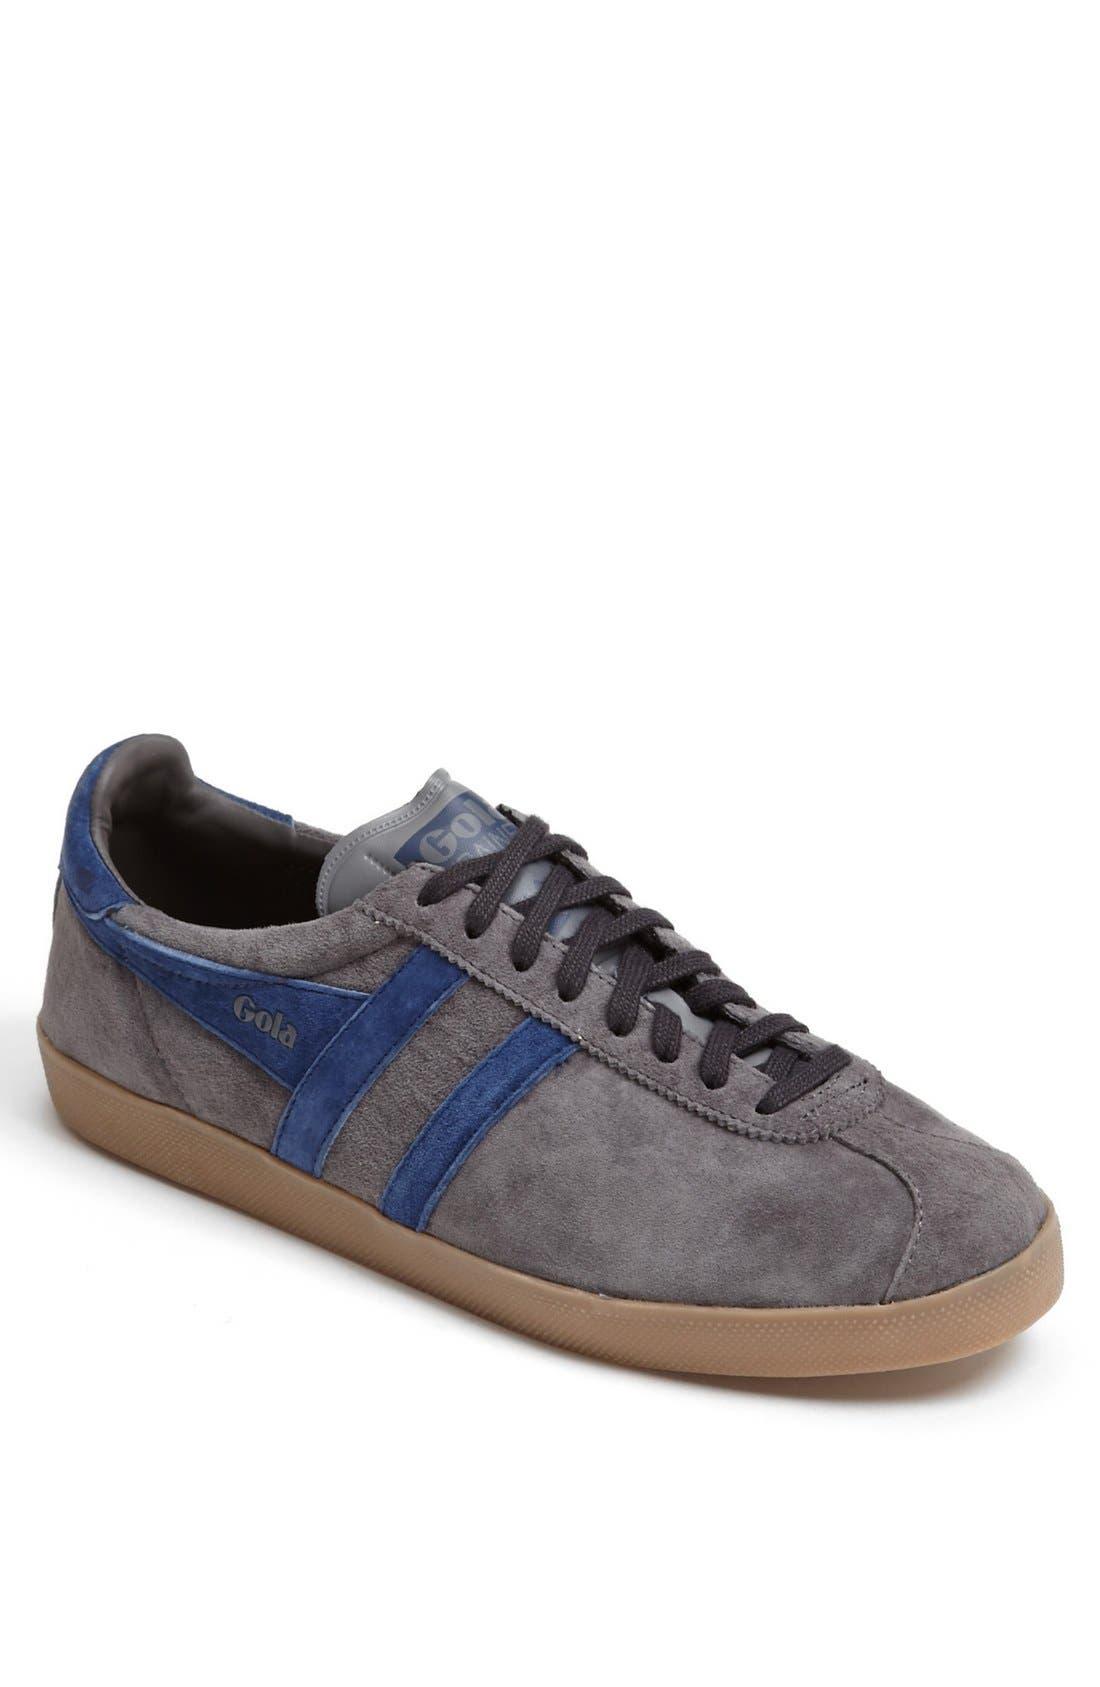 Main Image - Gola 'Trainer' Sneaker (Men)